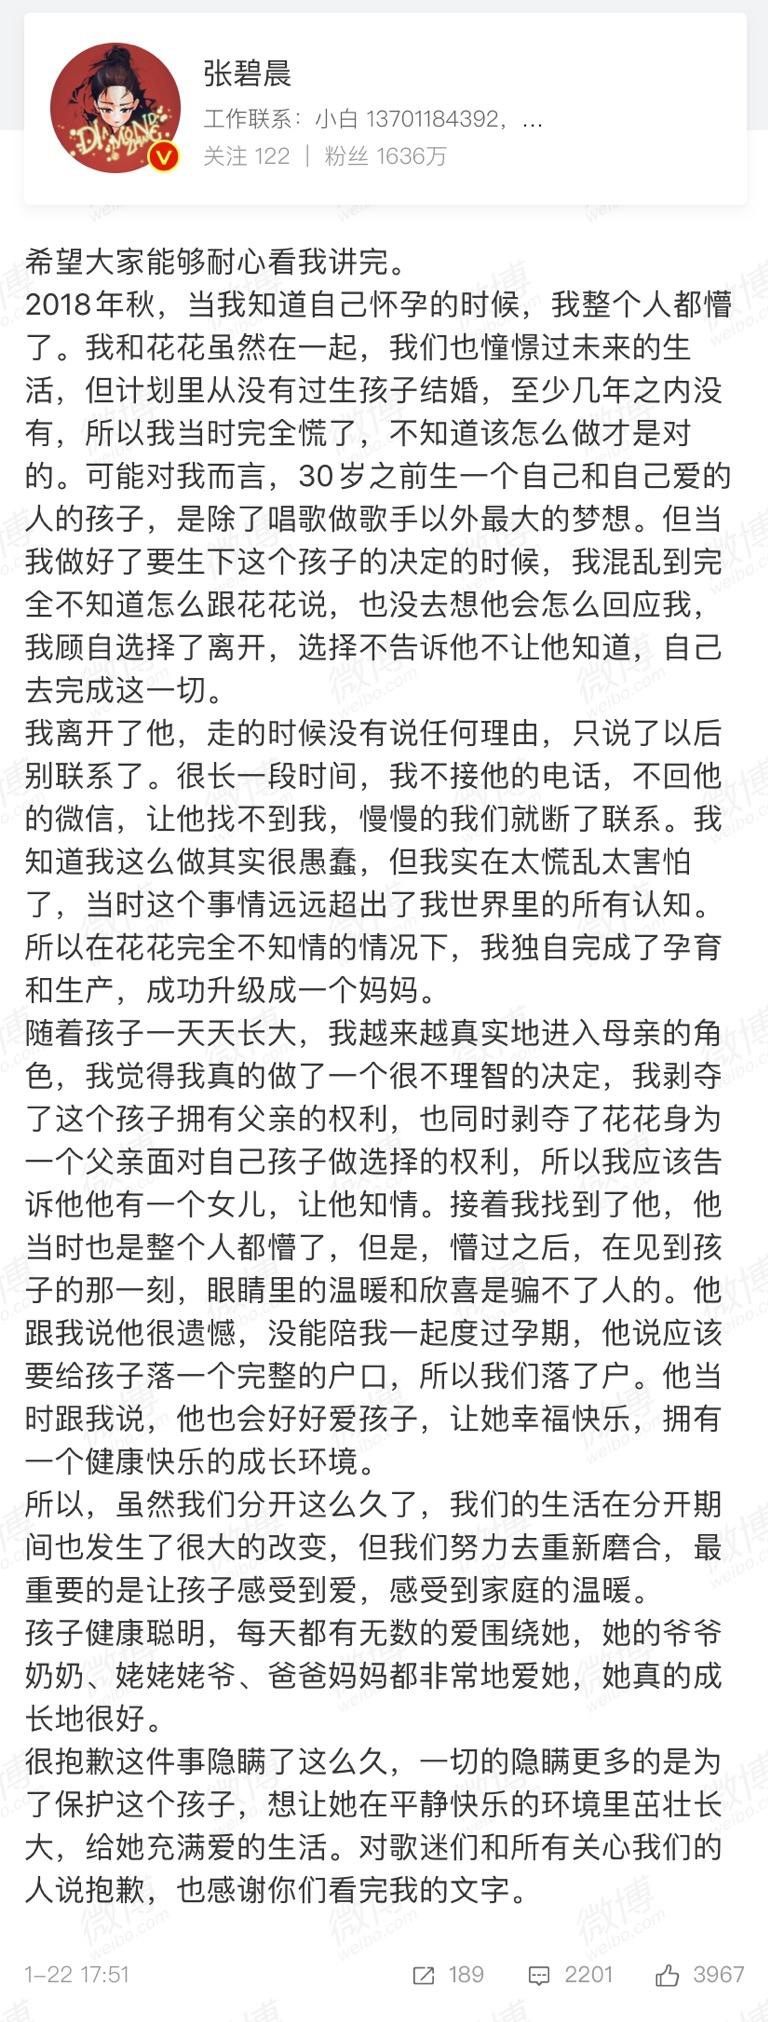 华晨宇和张碧晨都「没结婚,将在无婚姻状况下抚养女儿,一起成长